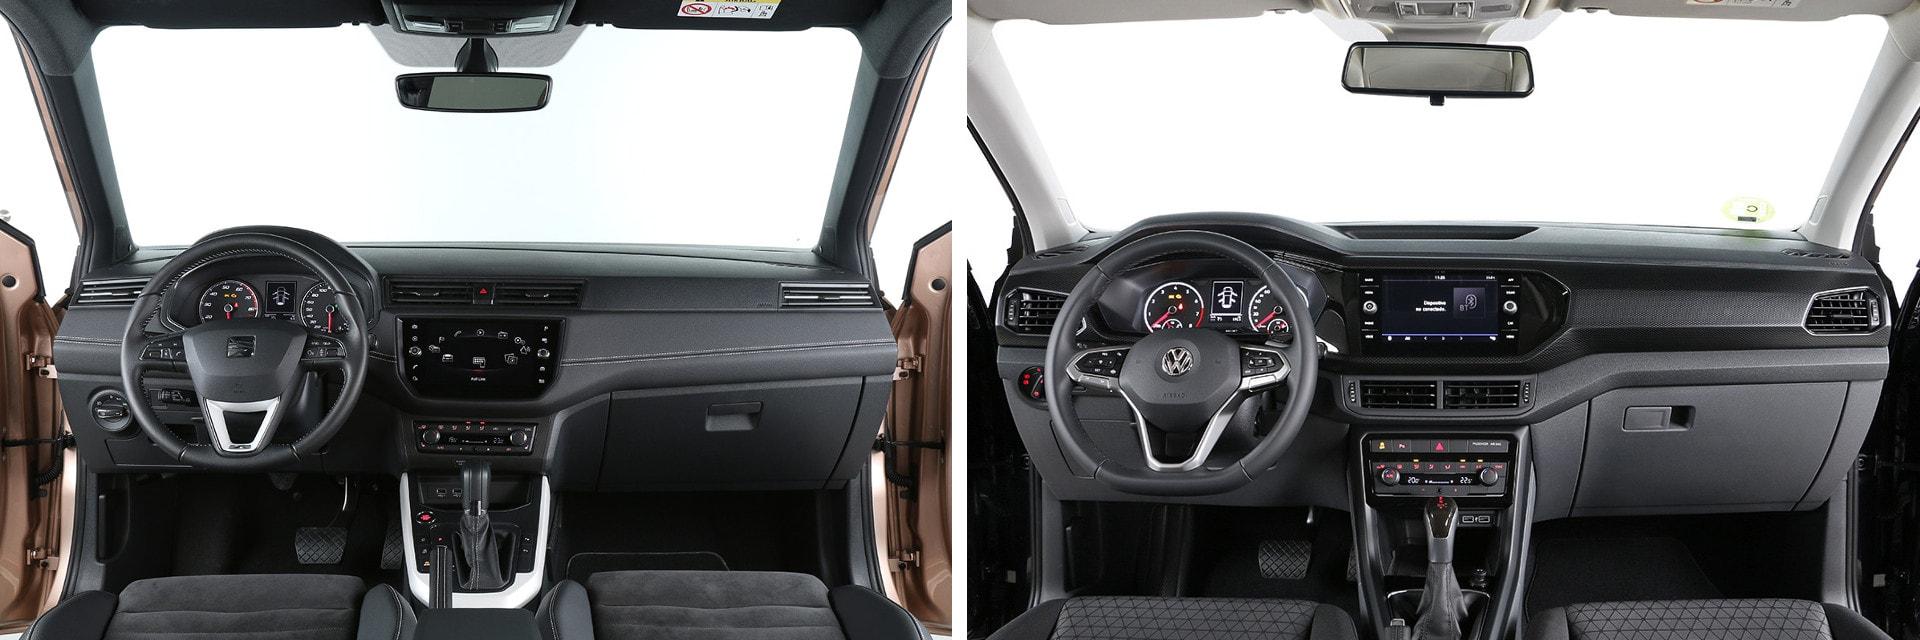 Tanto el interior del SEAT (izq.) como el del Volkswagen (dcha.) cuentan con materiales de buena calidad. / km77